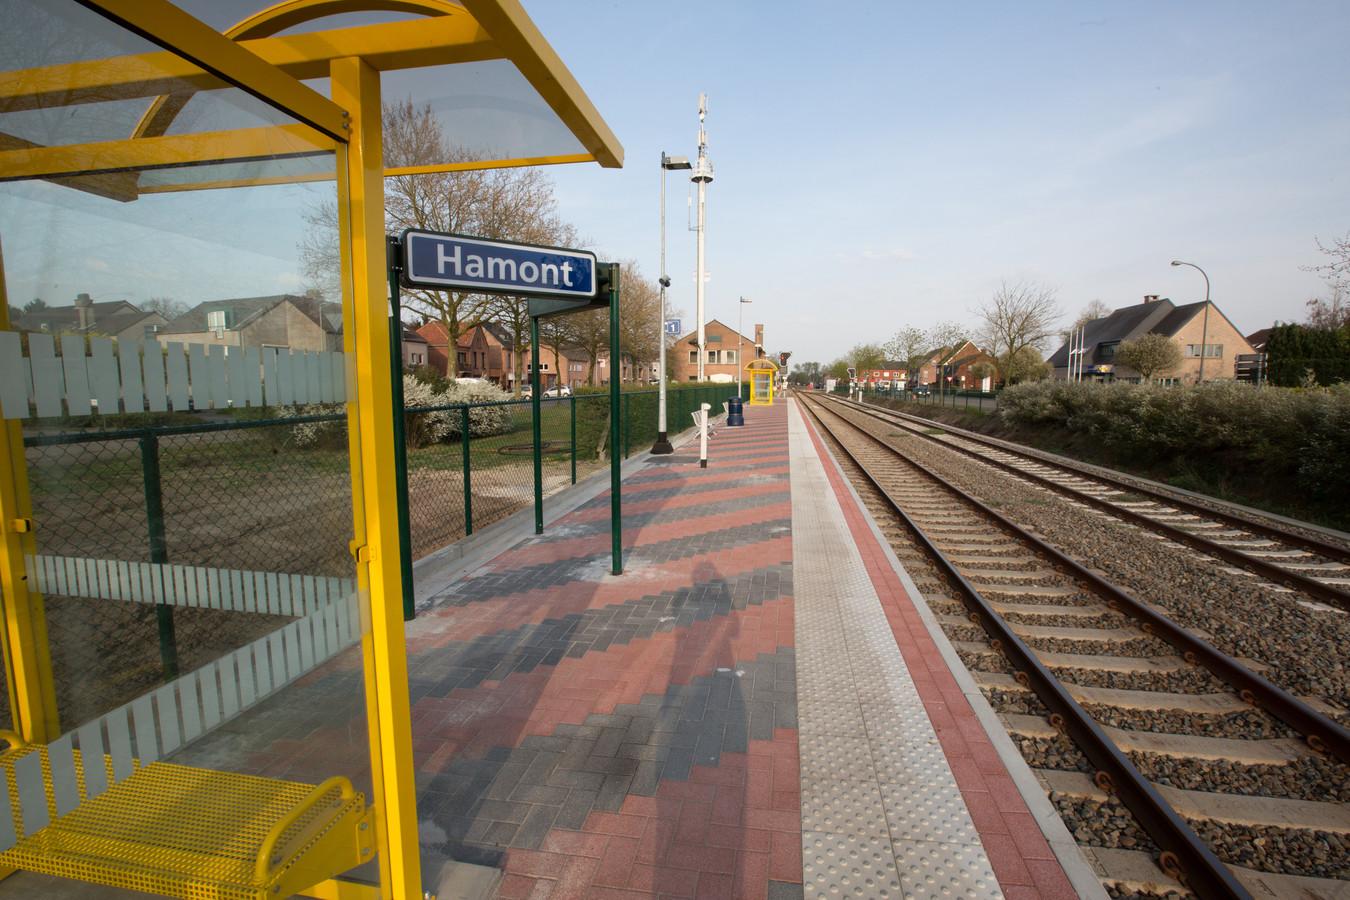 De burgemeesters hopen dat de trein aan dit station van Hamont geen eindhalte kent, maar doorrijdt tot in Weert.